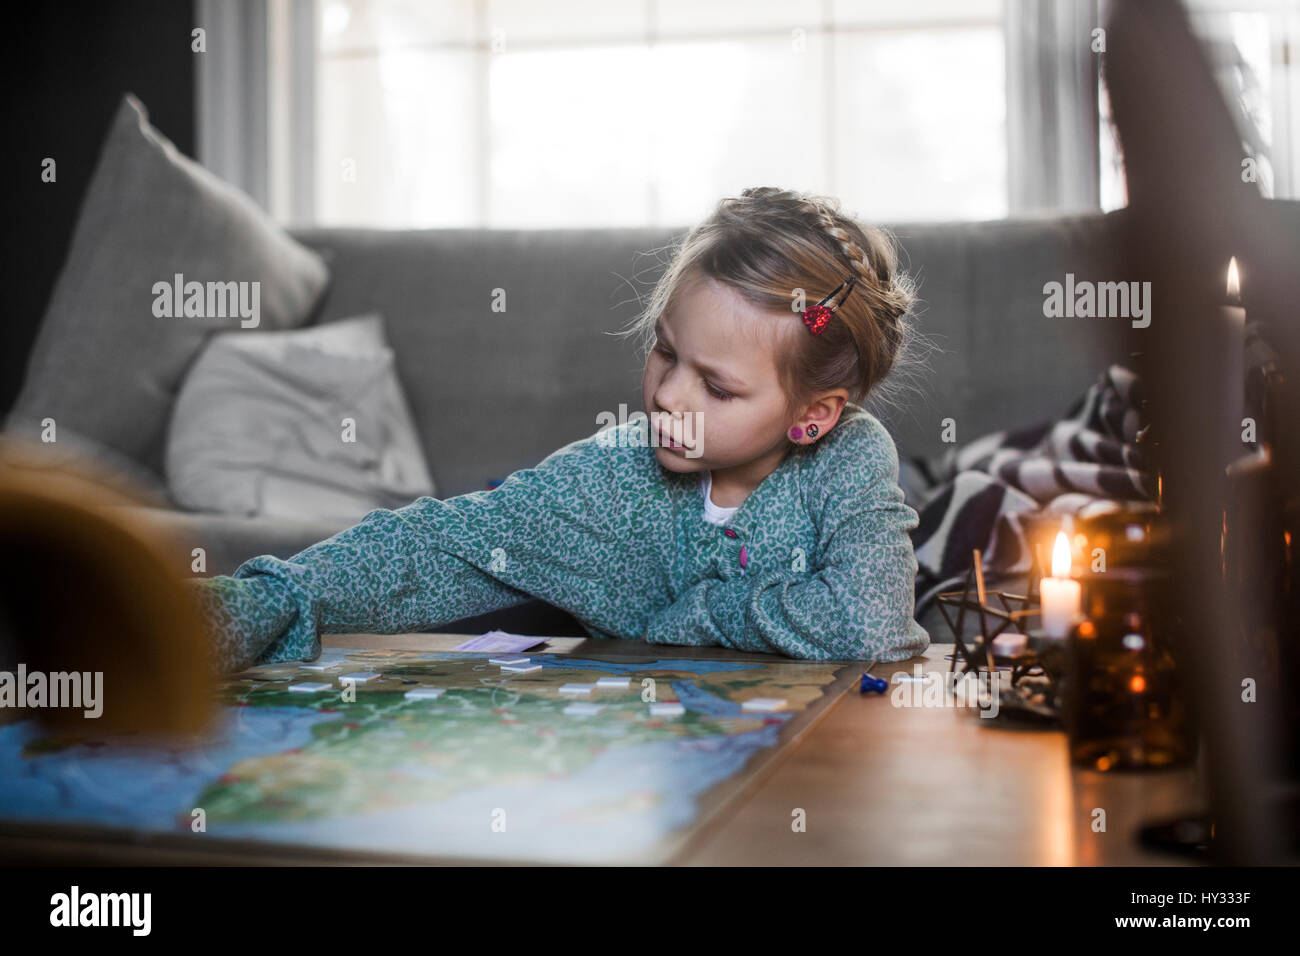 Schweden, Mädchen (4-5) spielen Brettspiel auf Tisch Stockbild